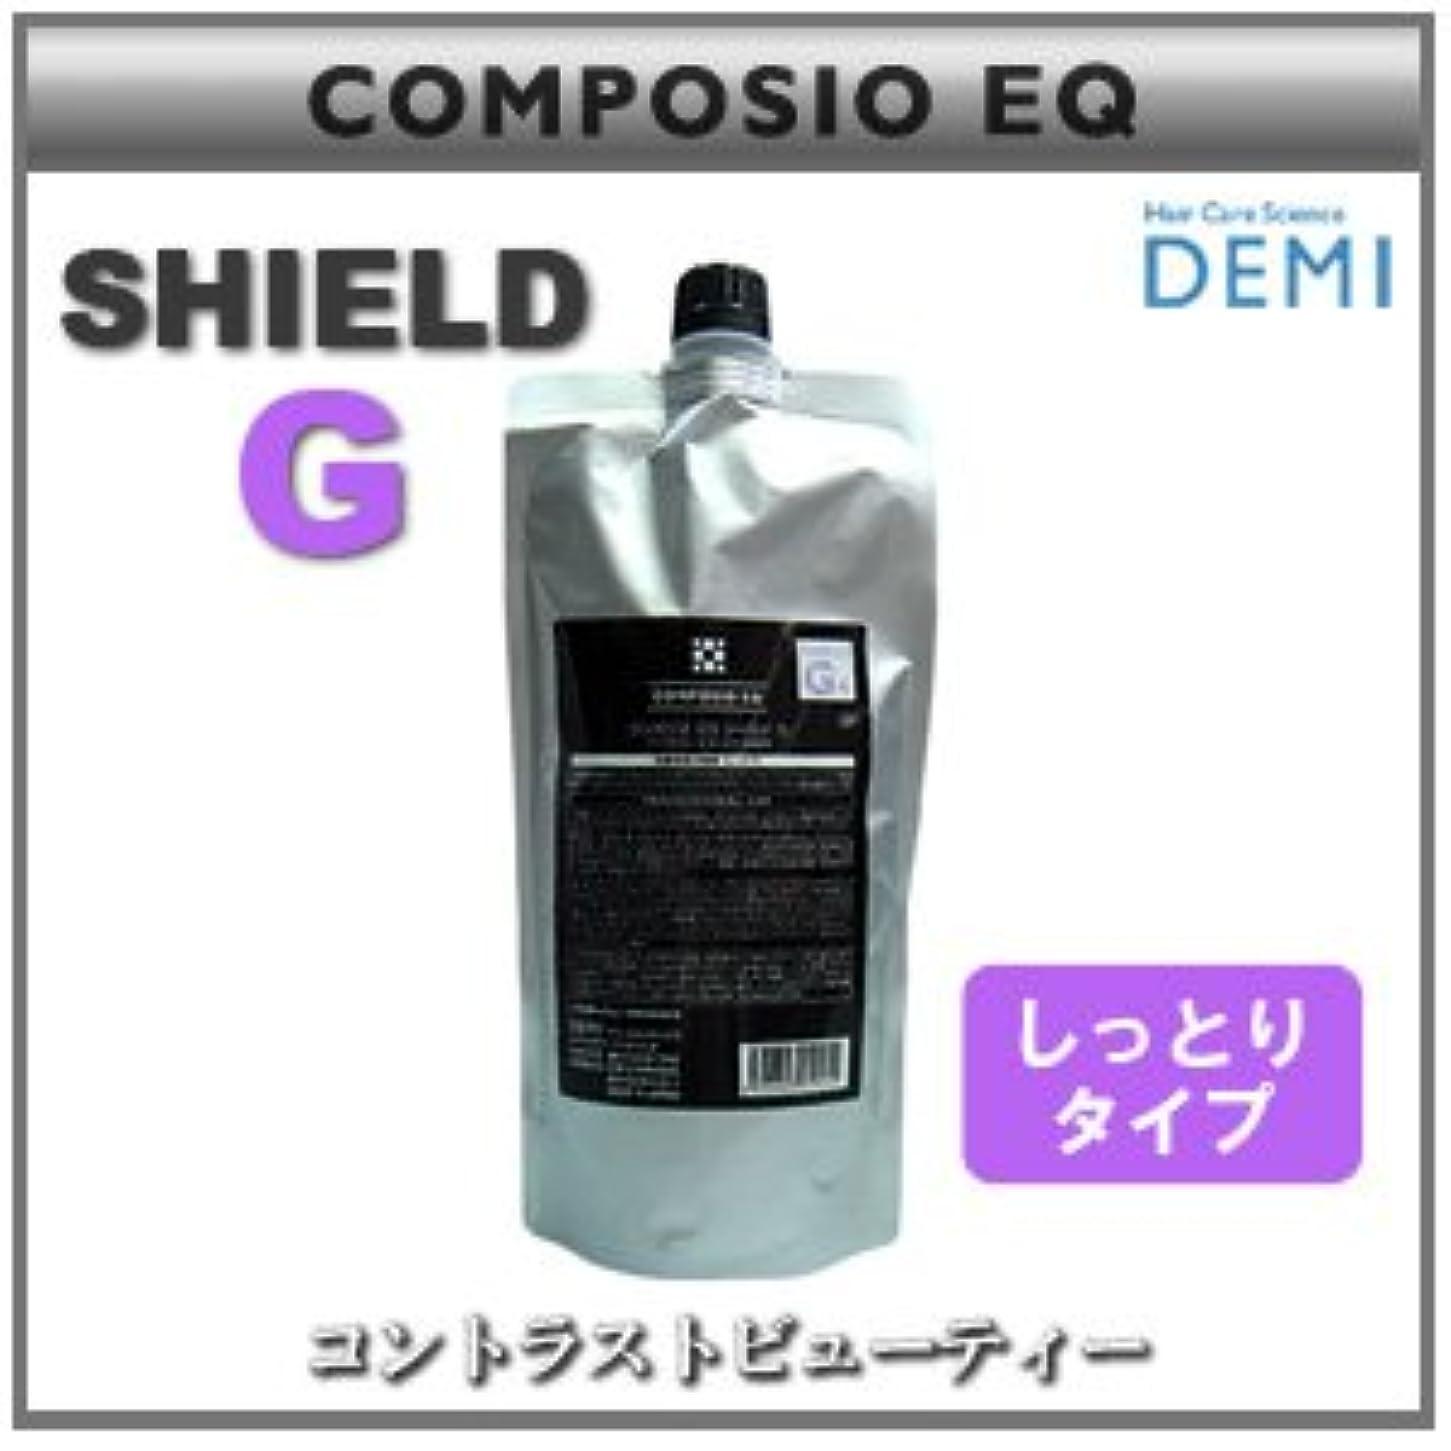 遠洋の以内に小学生【X5個セット】 デミ コンポジオ EQ シールド G 450g